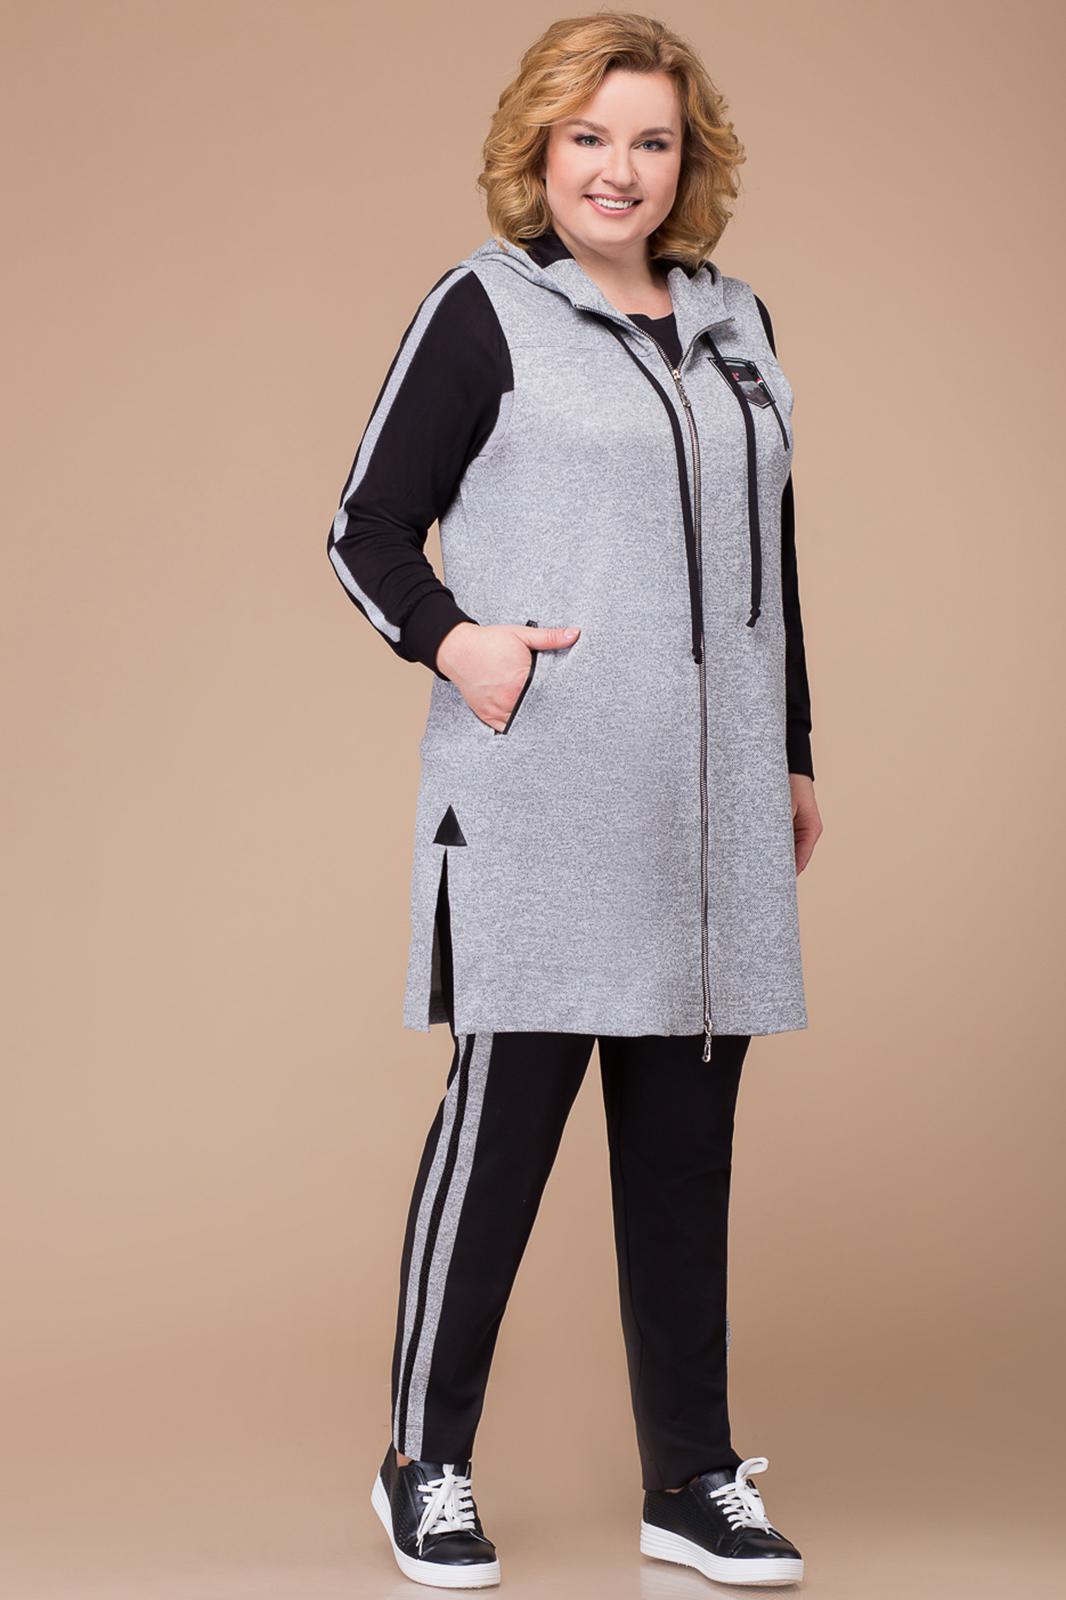 c7d5c680b934 Костюм Svetlana Style, серый+черный (модель 1208) — Белорусский ...